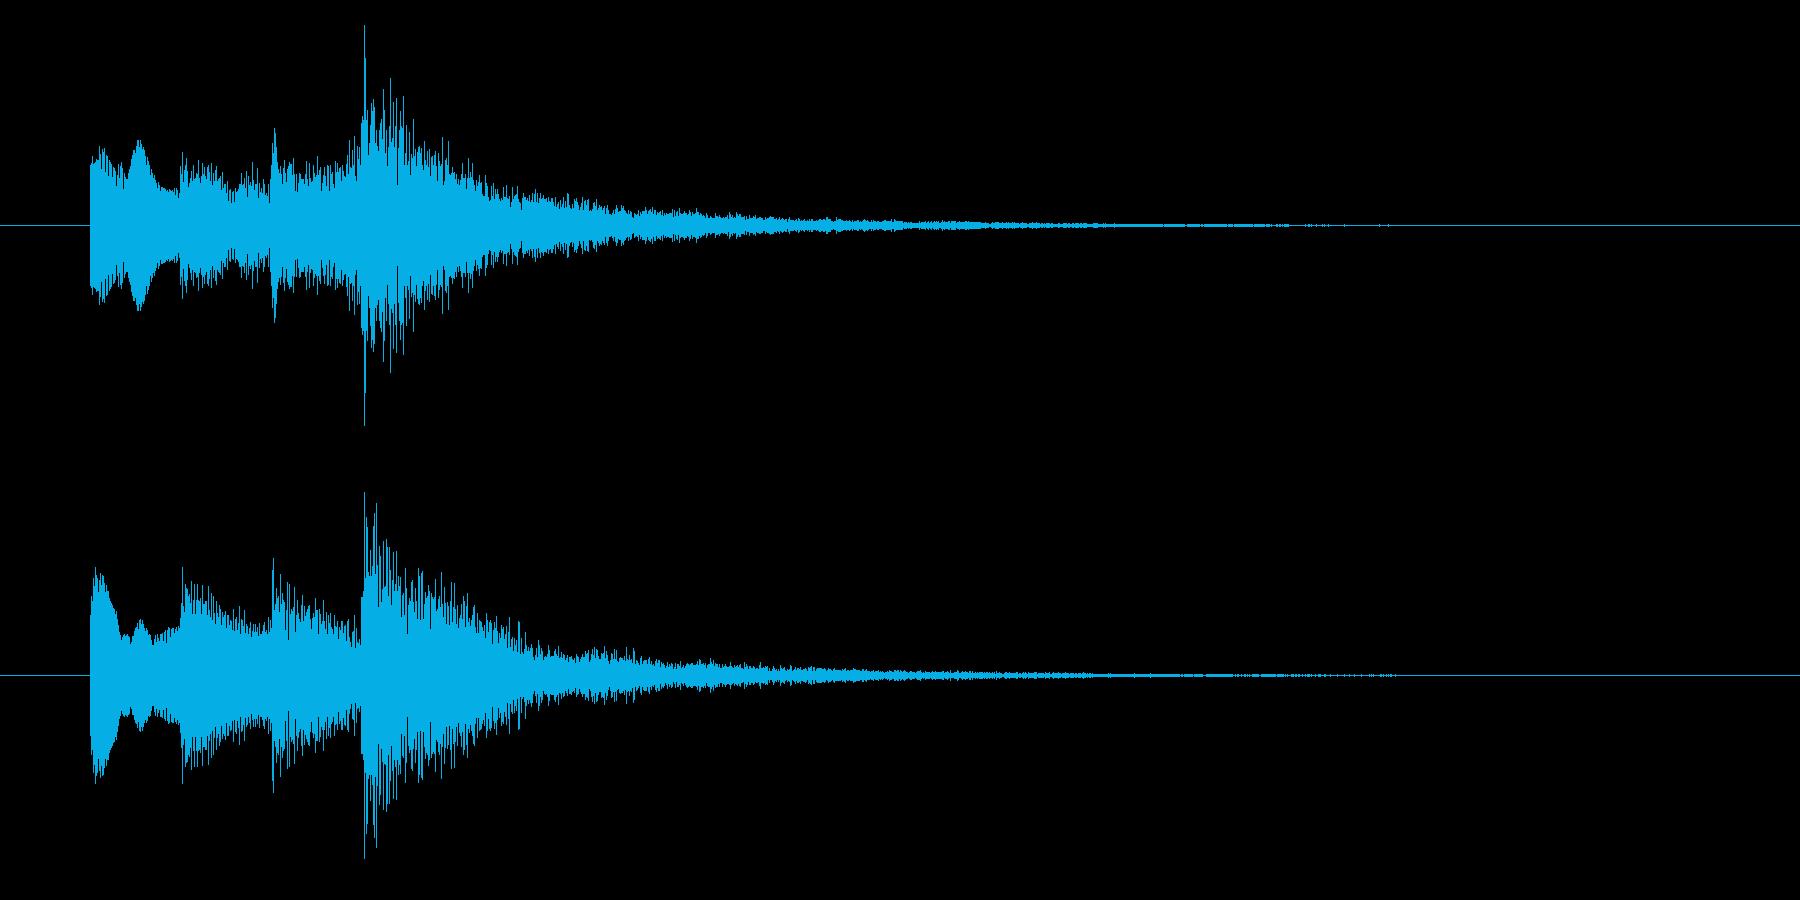 ニュースのテロップをイメージした音11の再生済みの波形